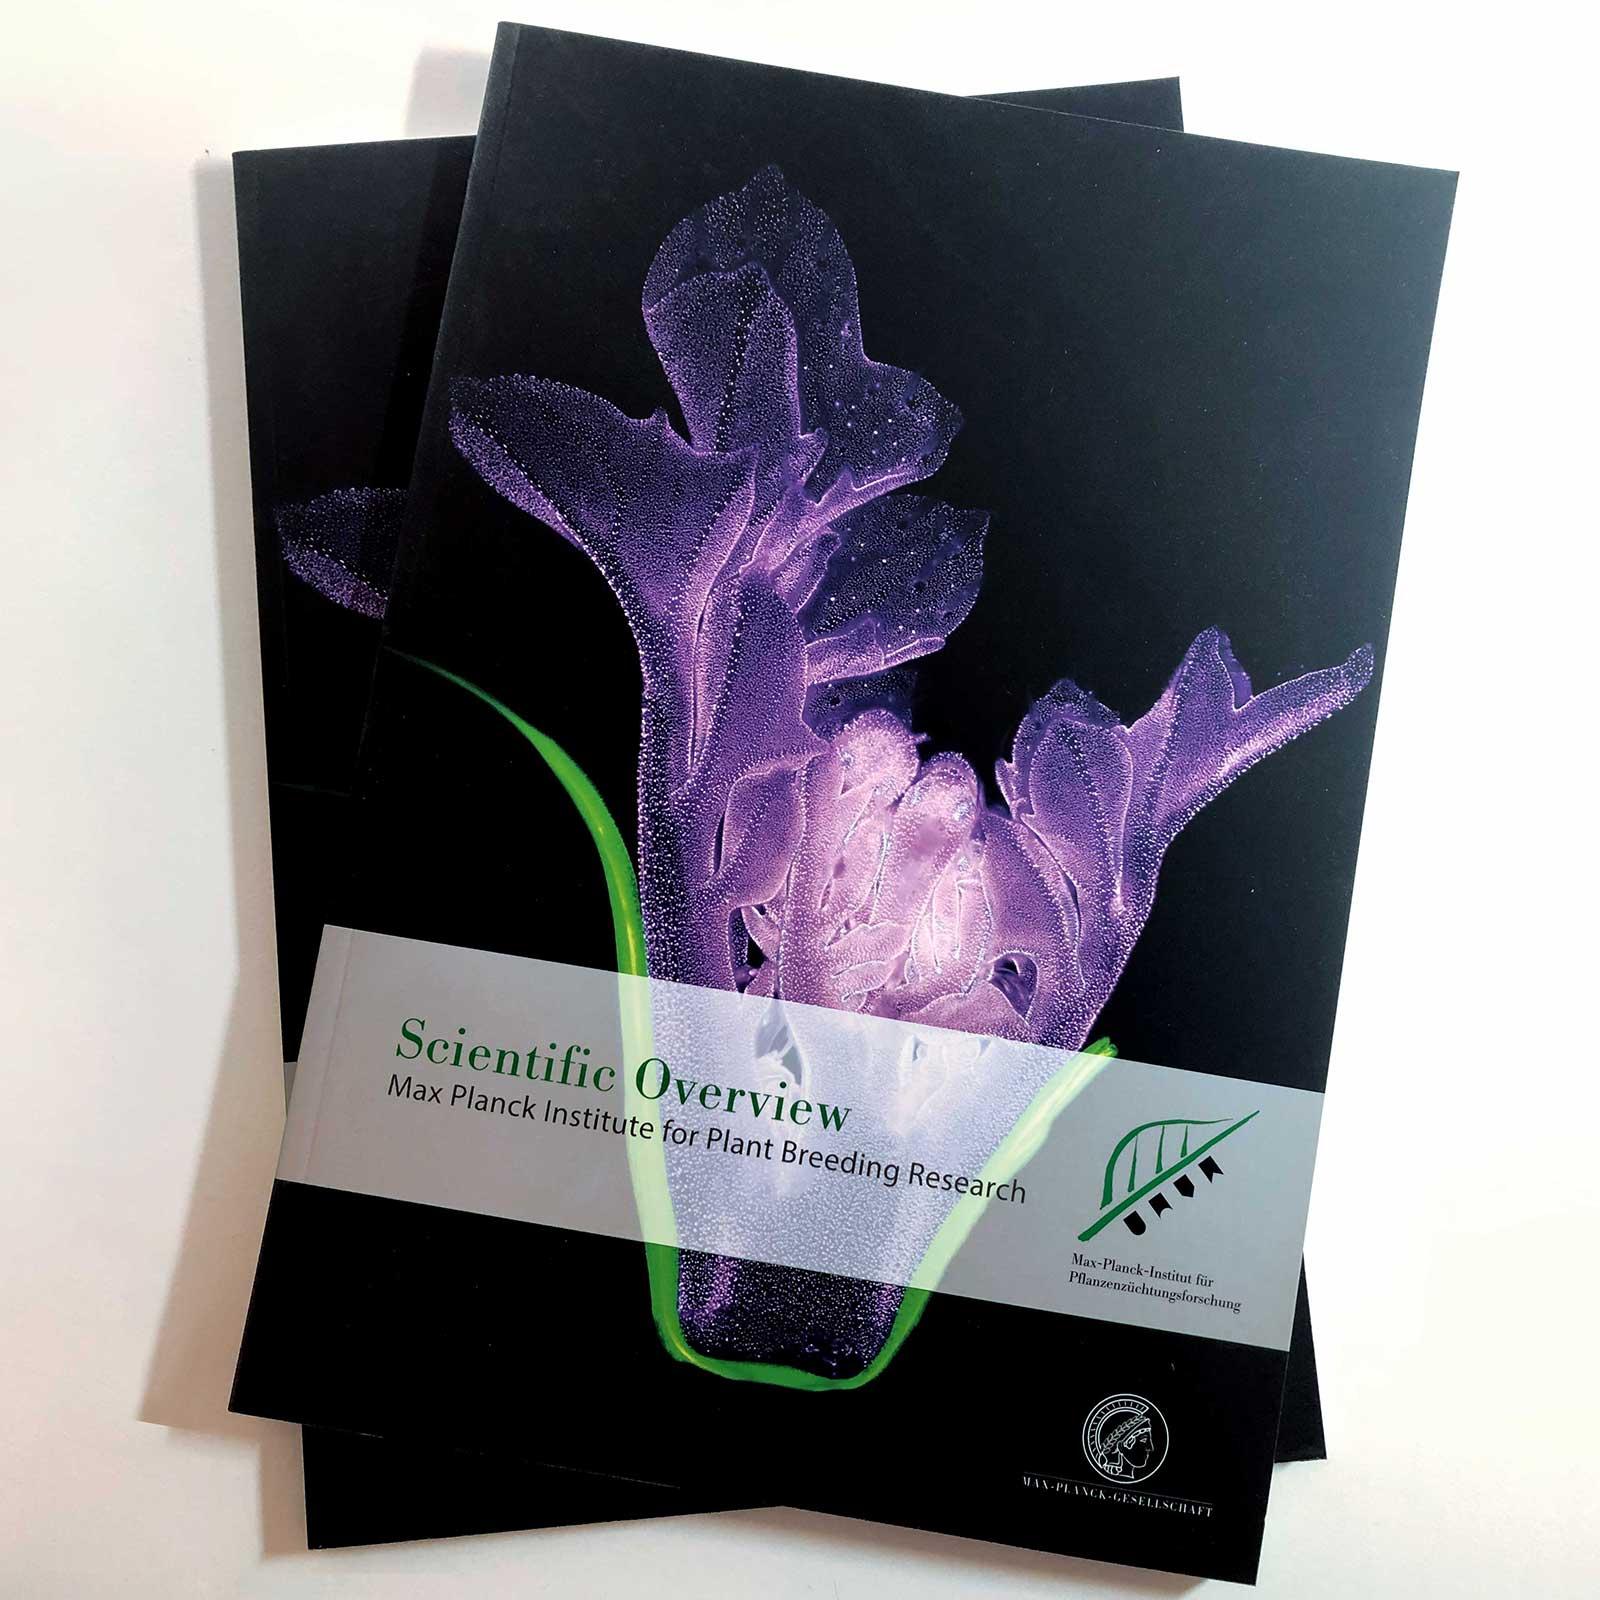 Max-Planck-Institut für Pflanzenzüchtungsforschung - Jahrbuch Titel